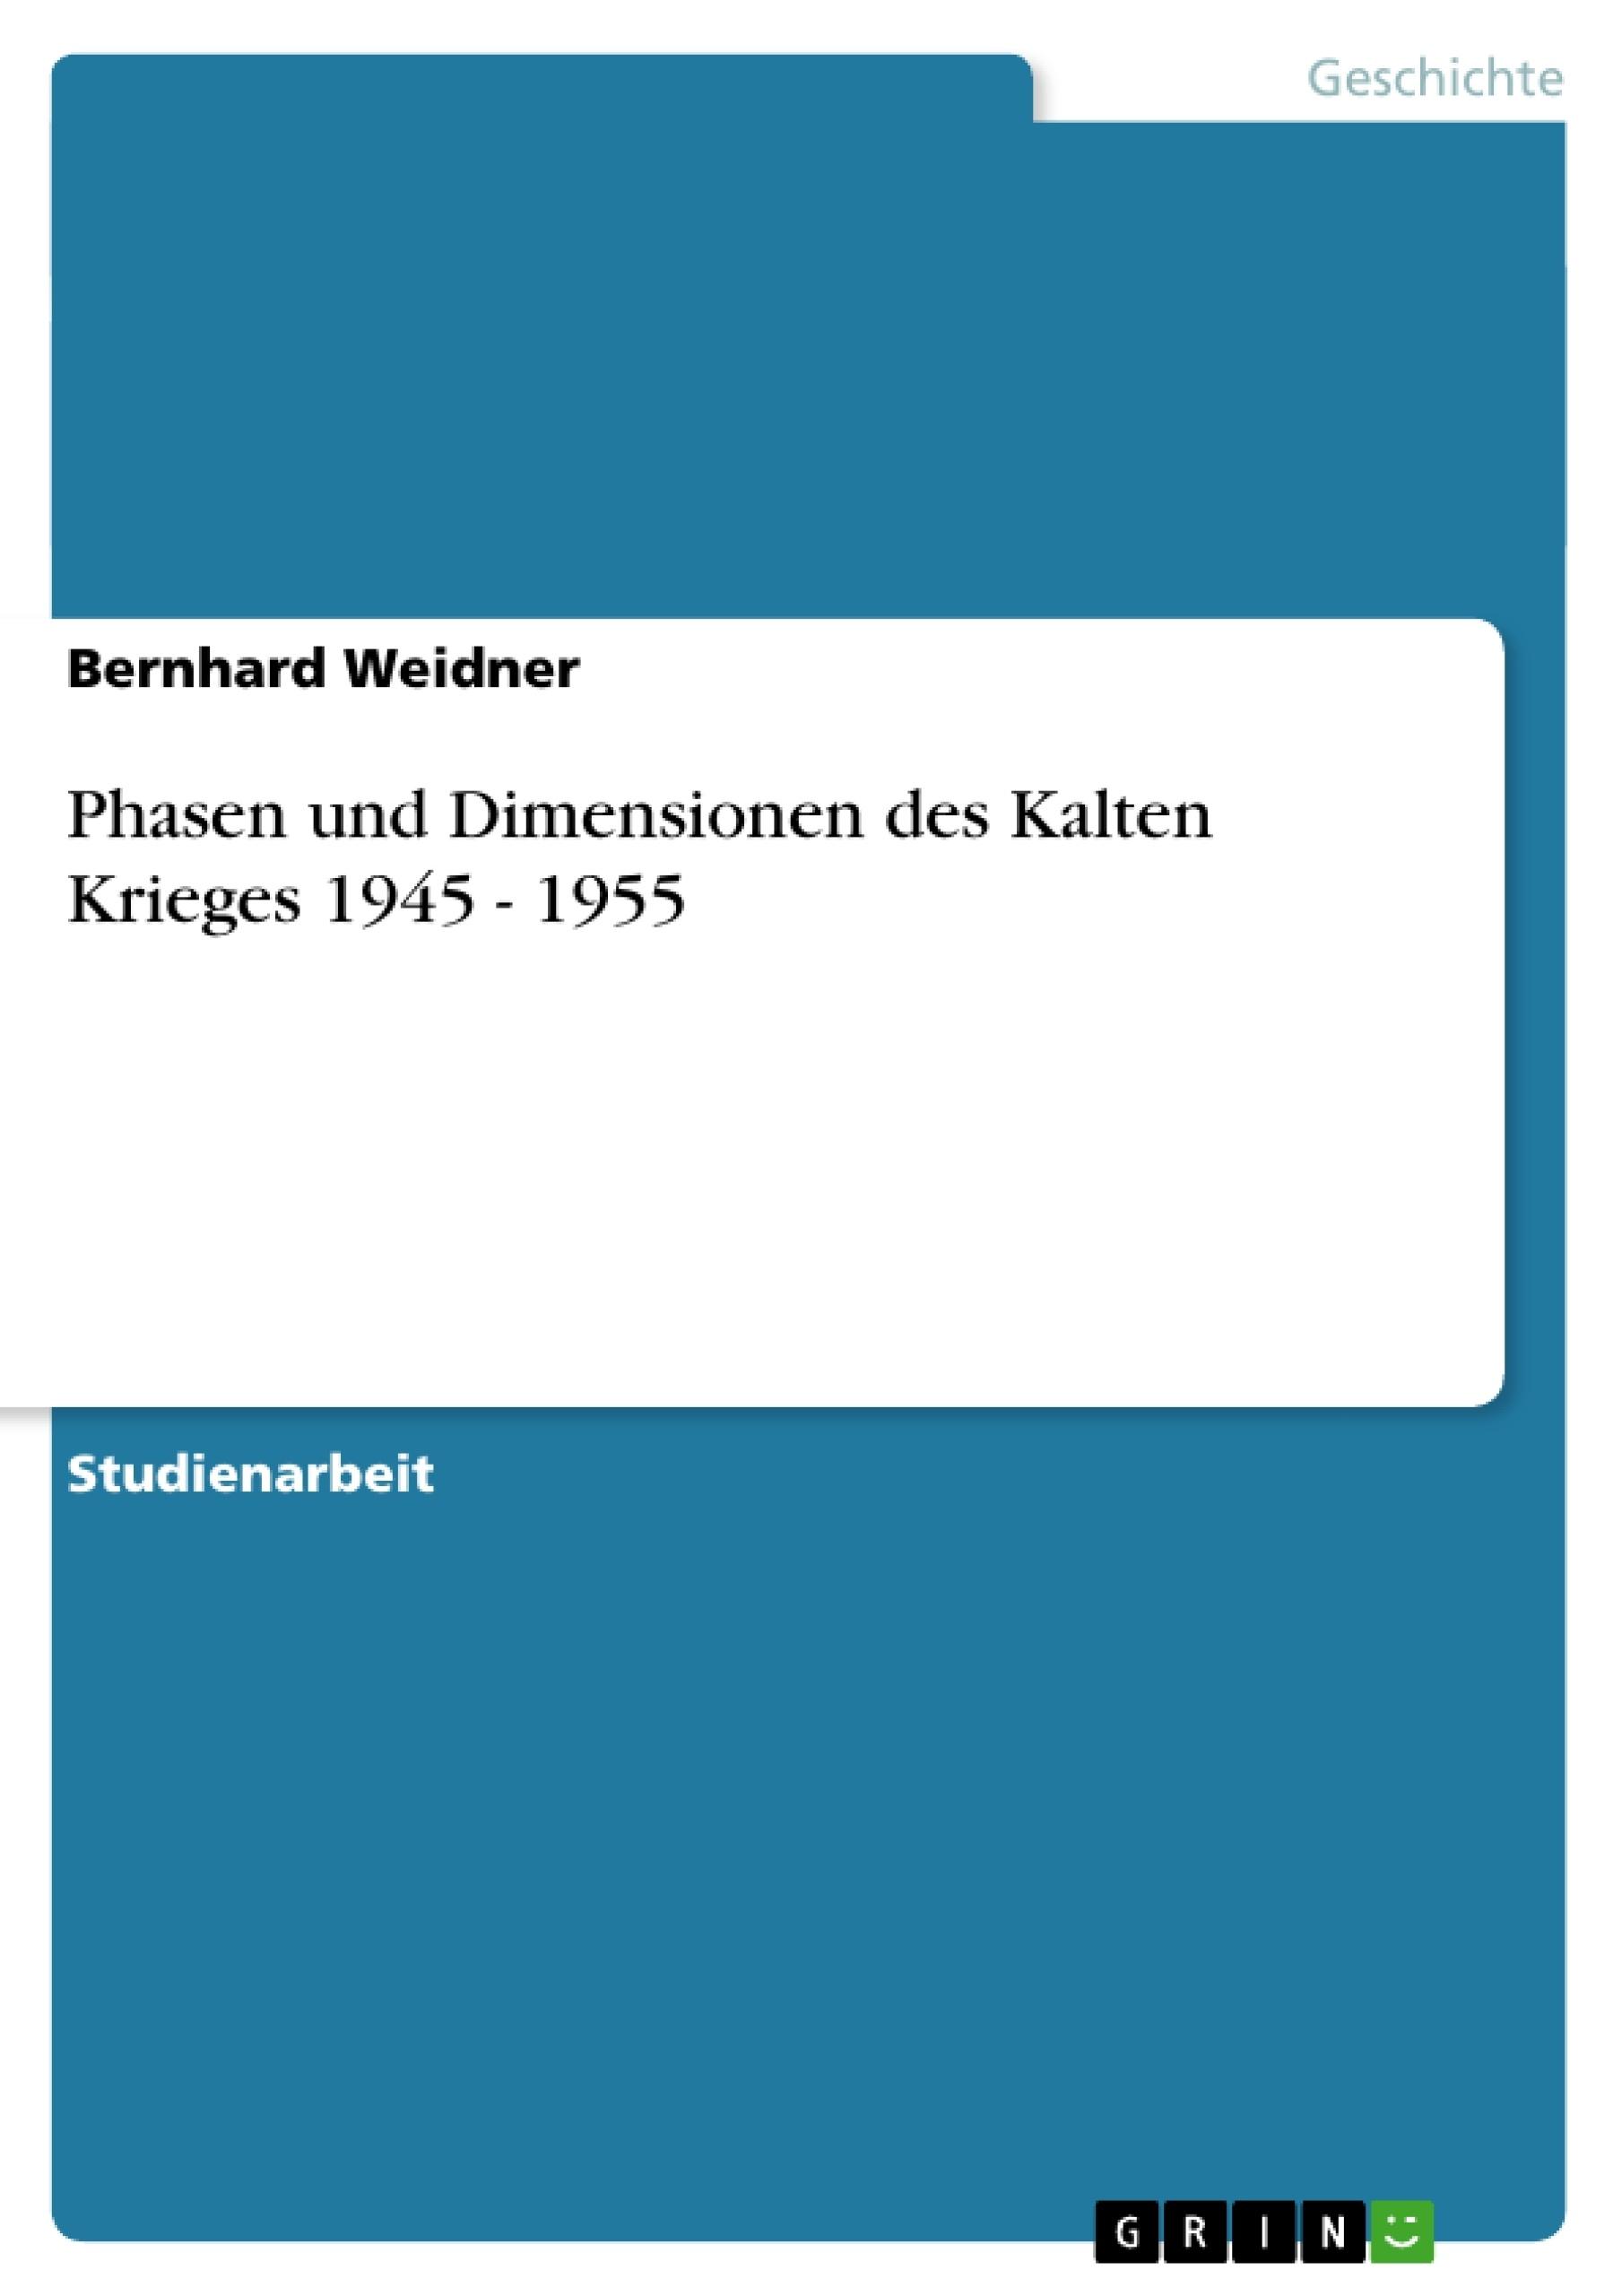 Titel: Phasen und Dimensionen des Kalten Krieges 1945 - 1955